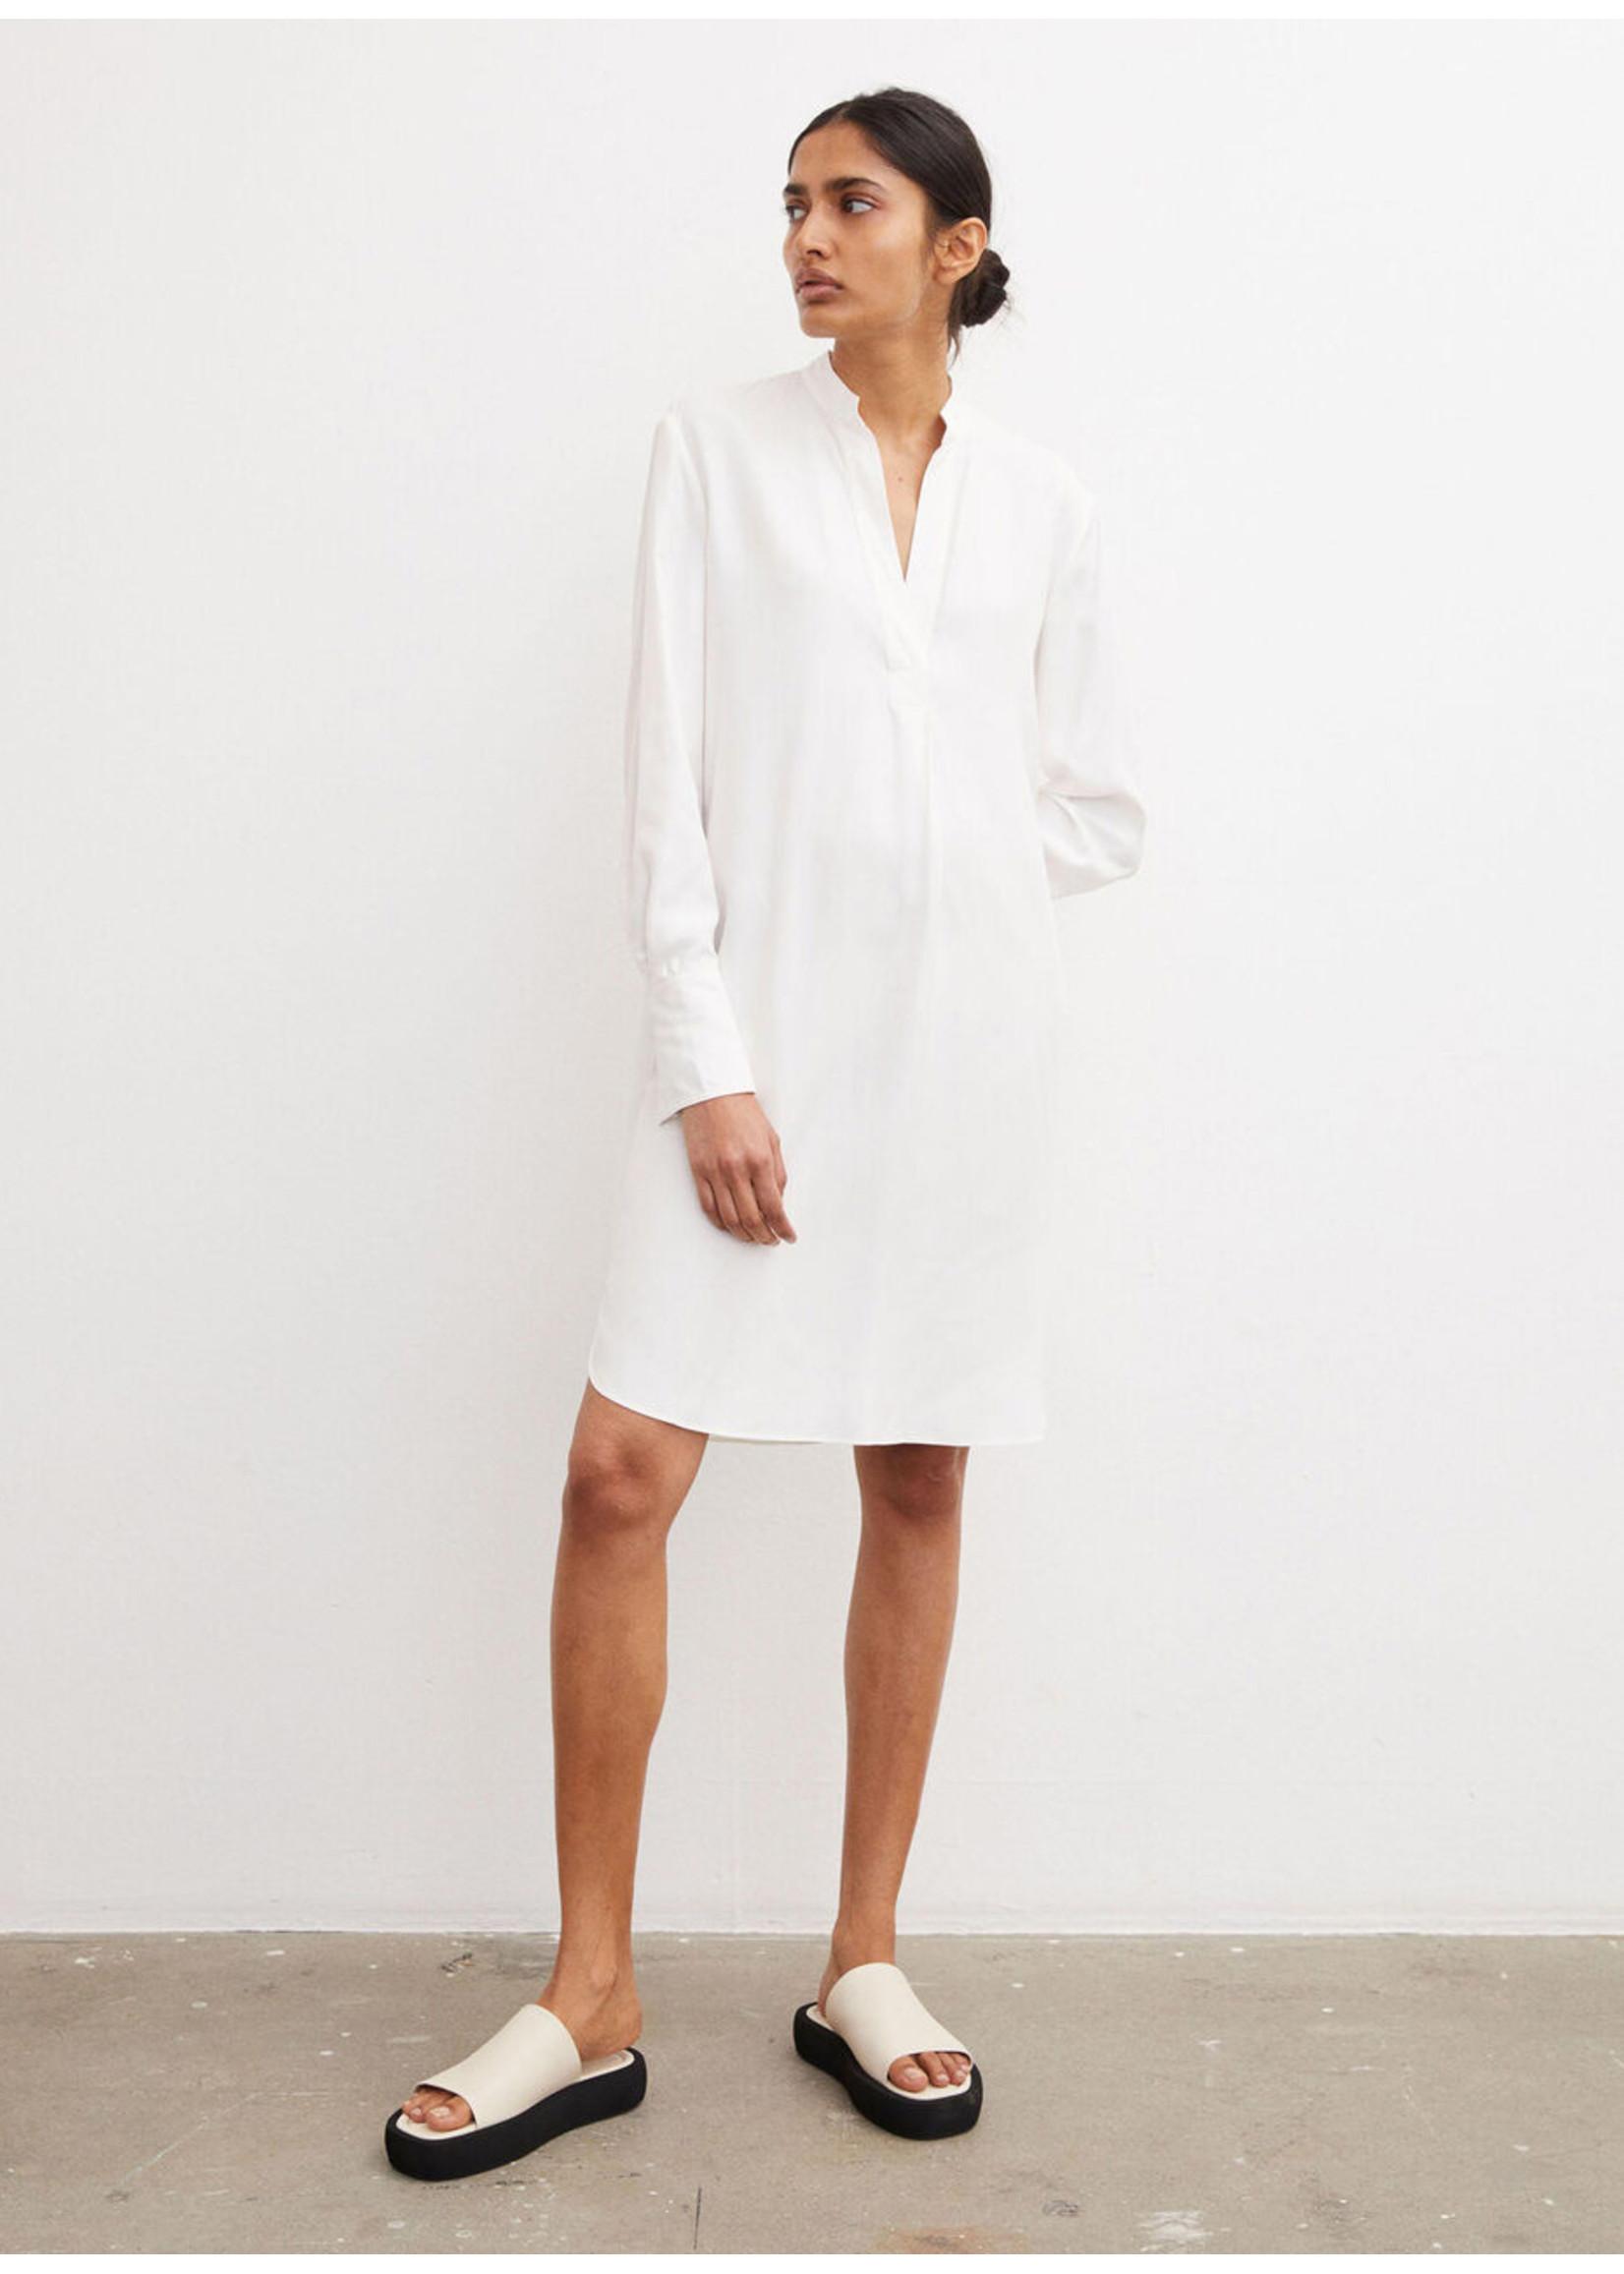 Malene Birger Mabilla dress soft white